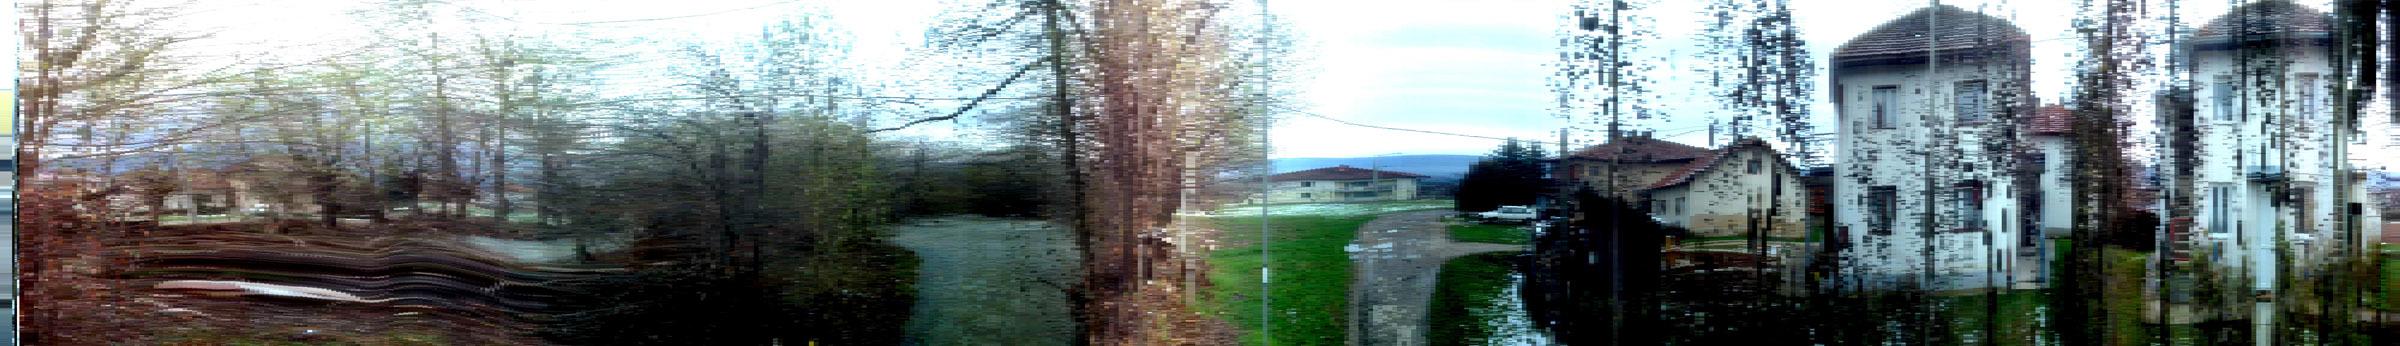 johann moser - timebased landscape 18-3